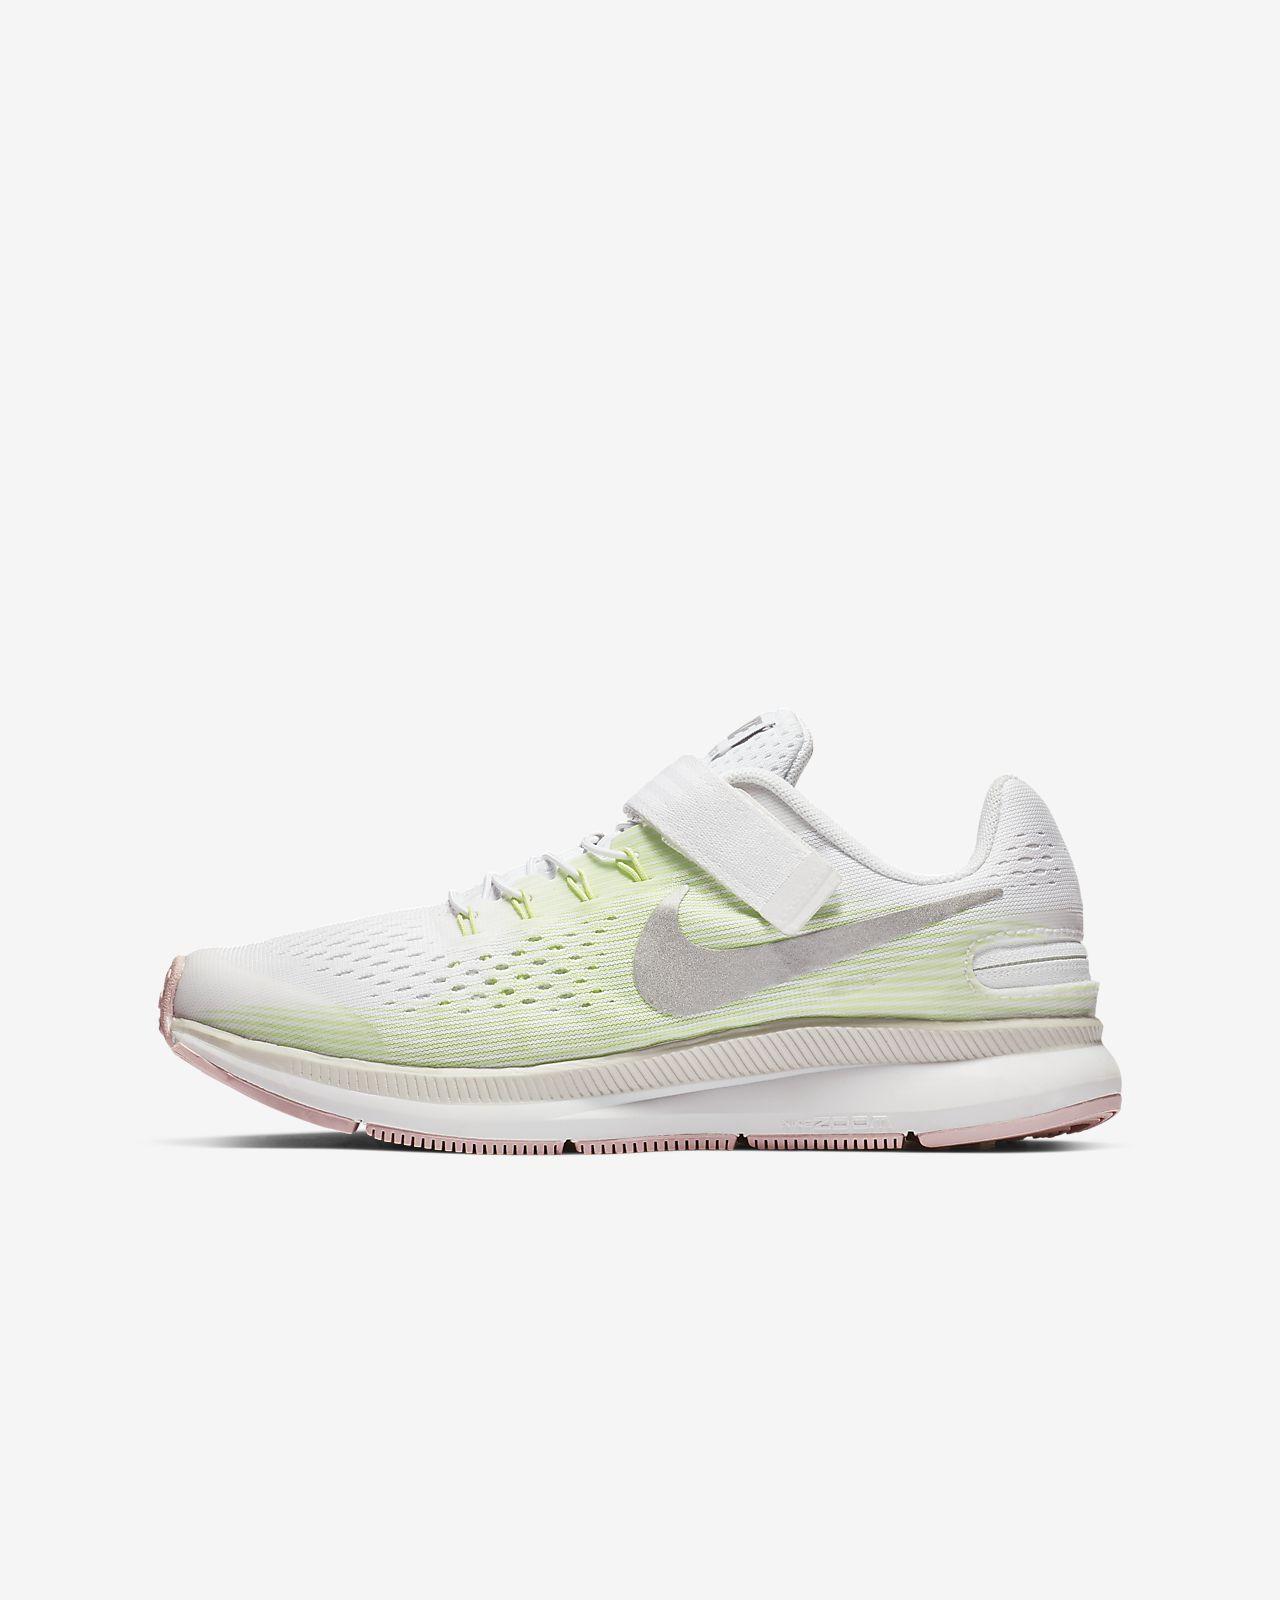 Sapatilhas de running Nike Zoom Pegasus 34 FlyEase para criança/Júnior